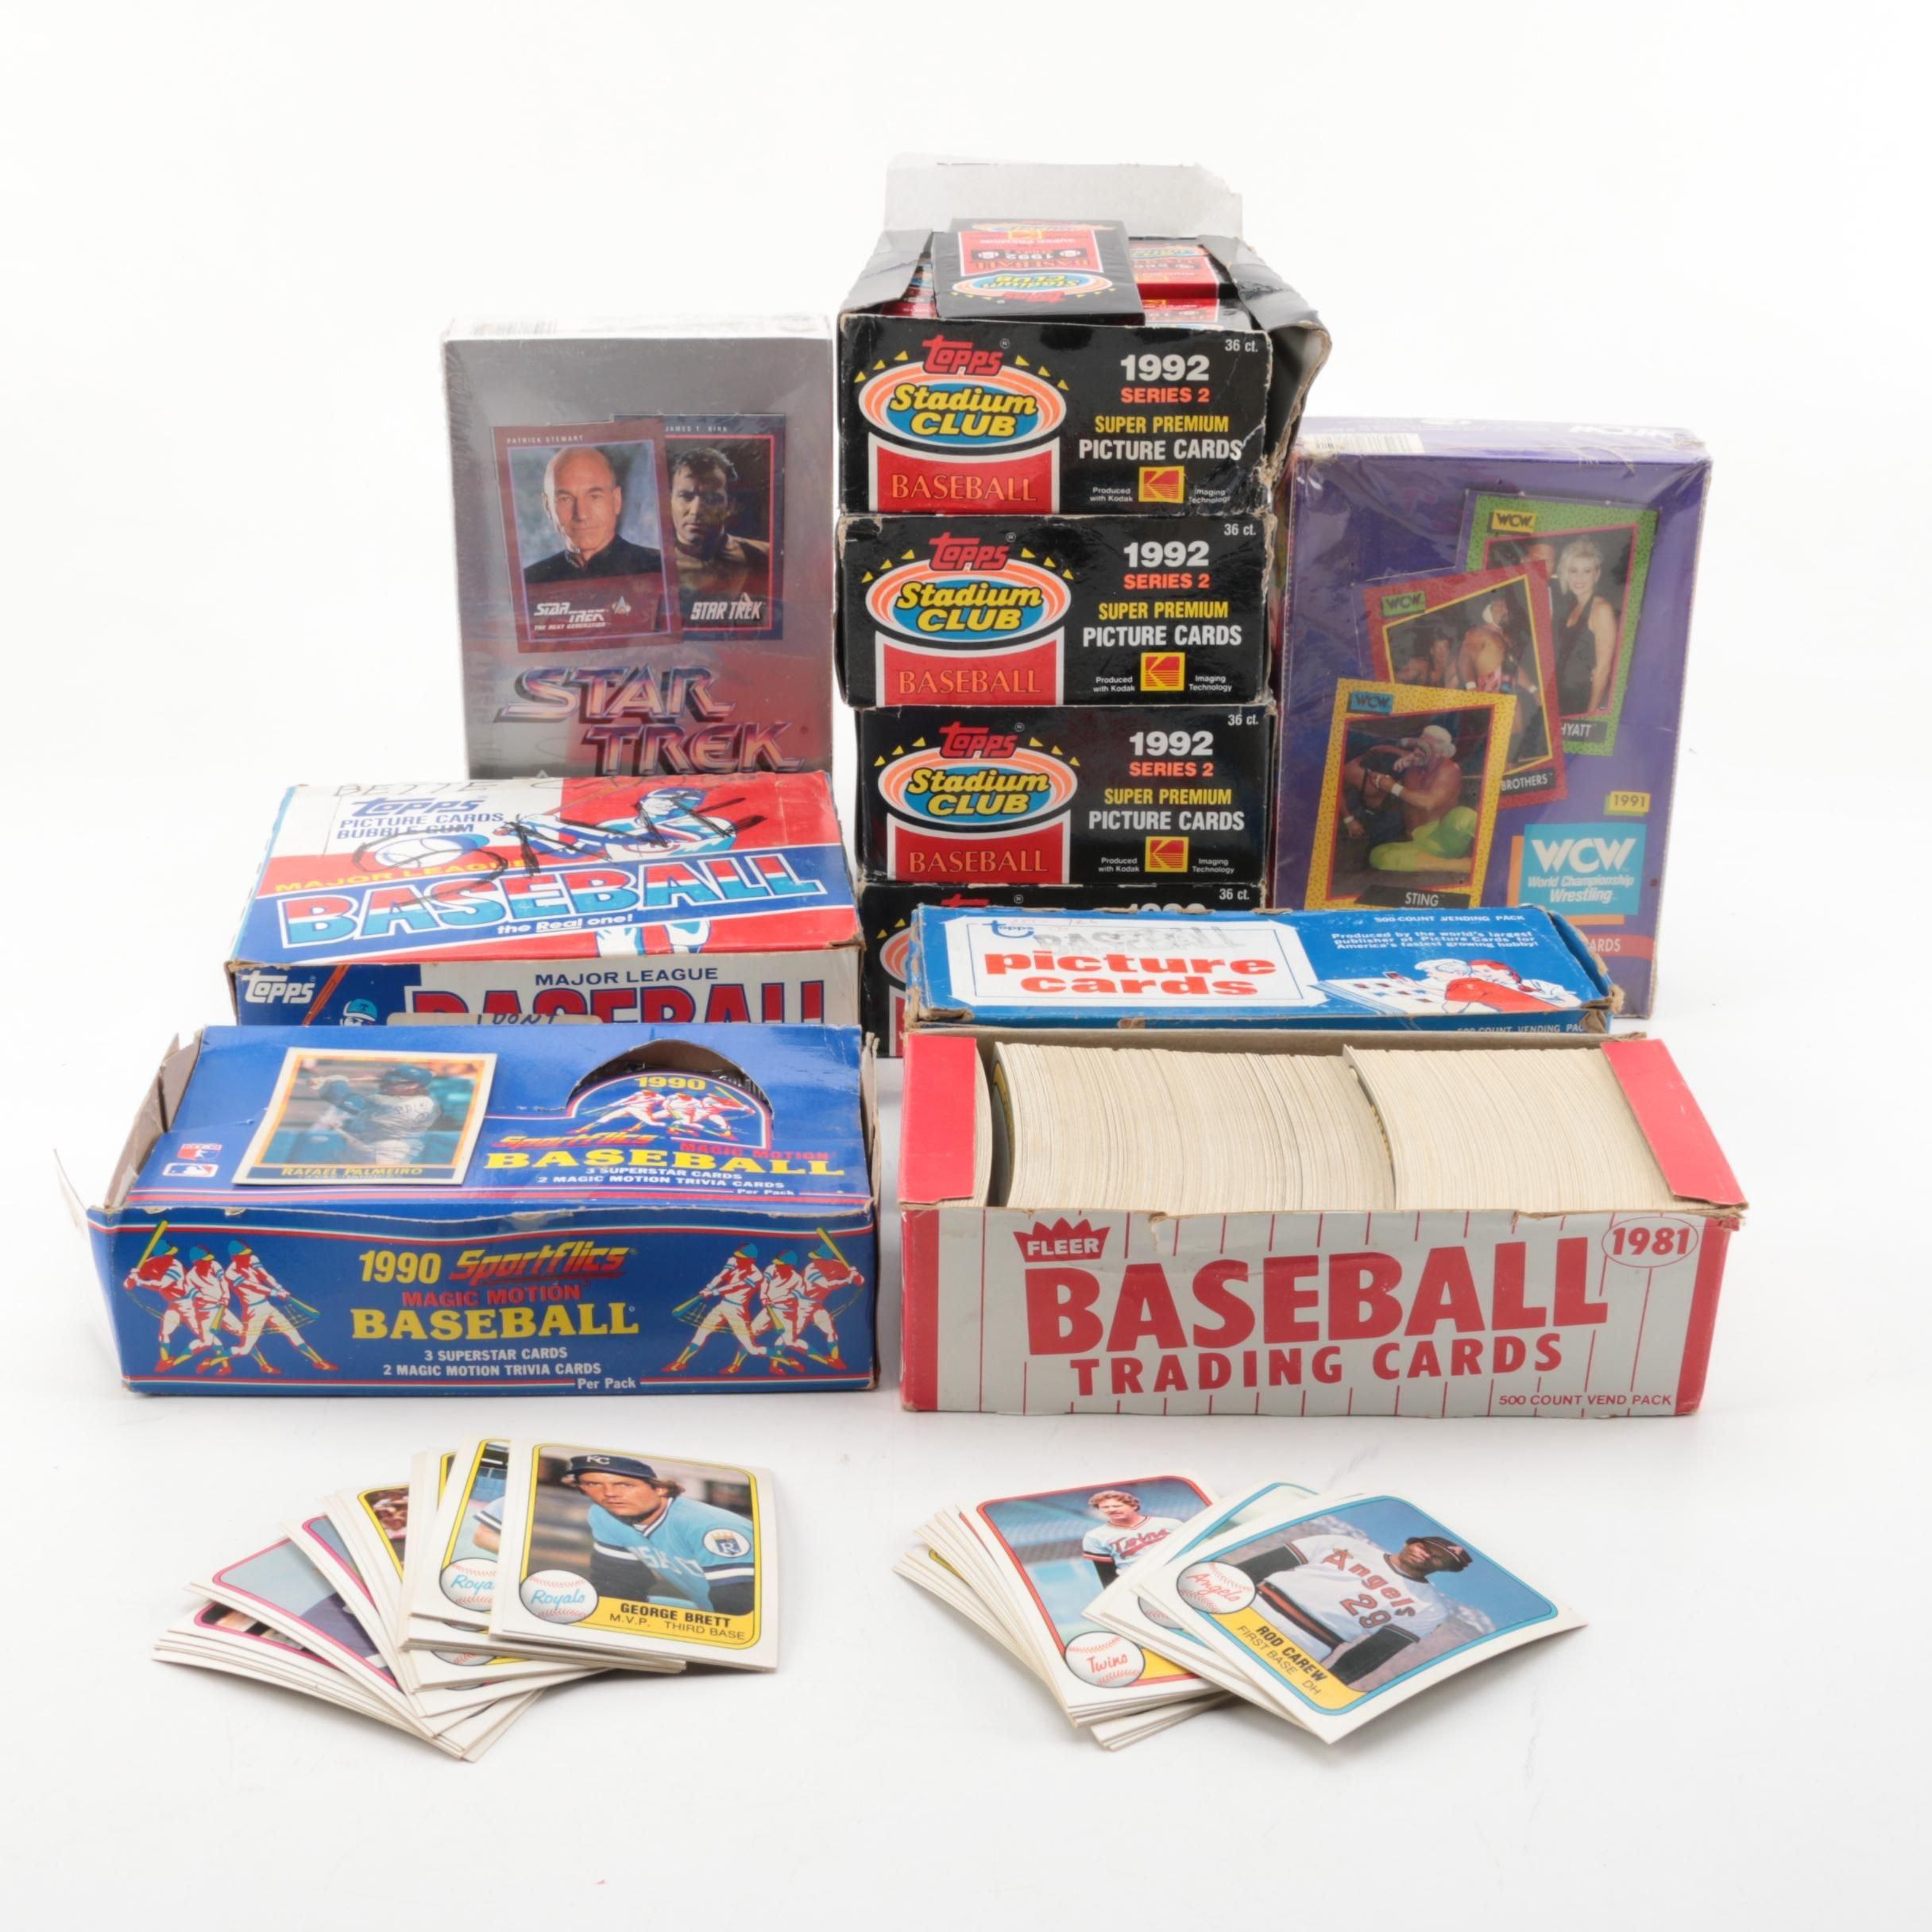 """1980s-1990s Trading Cards Including """"Star Trek"""", Wrestling, and Baseball"""